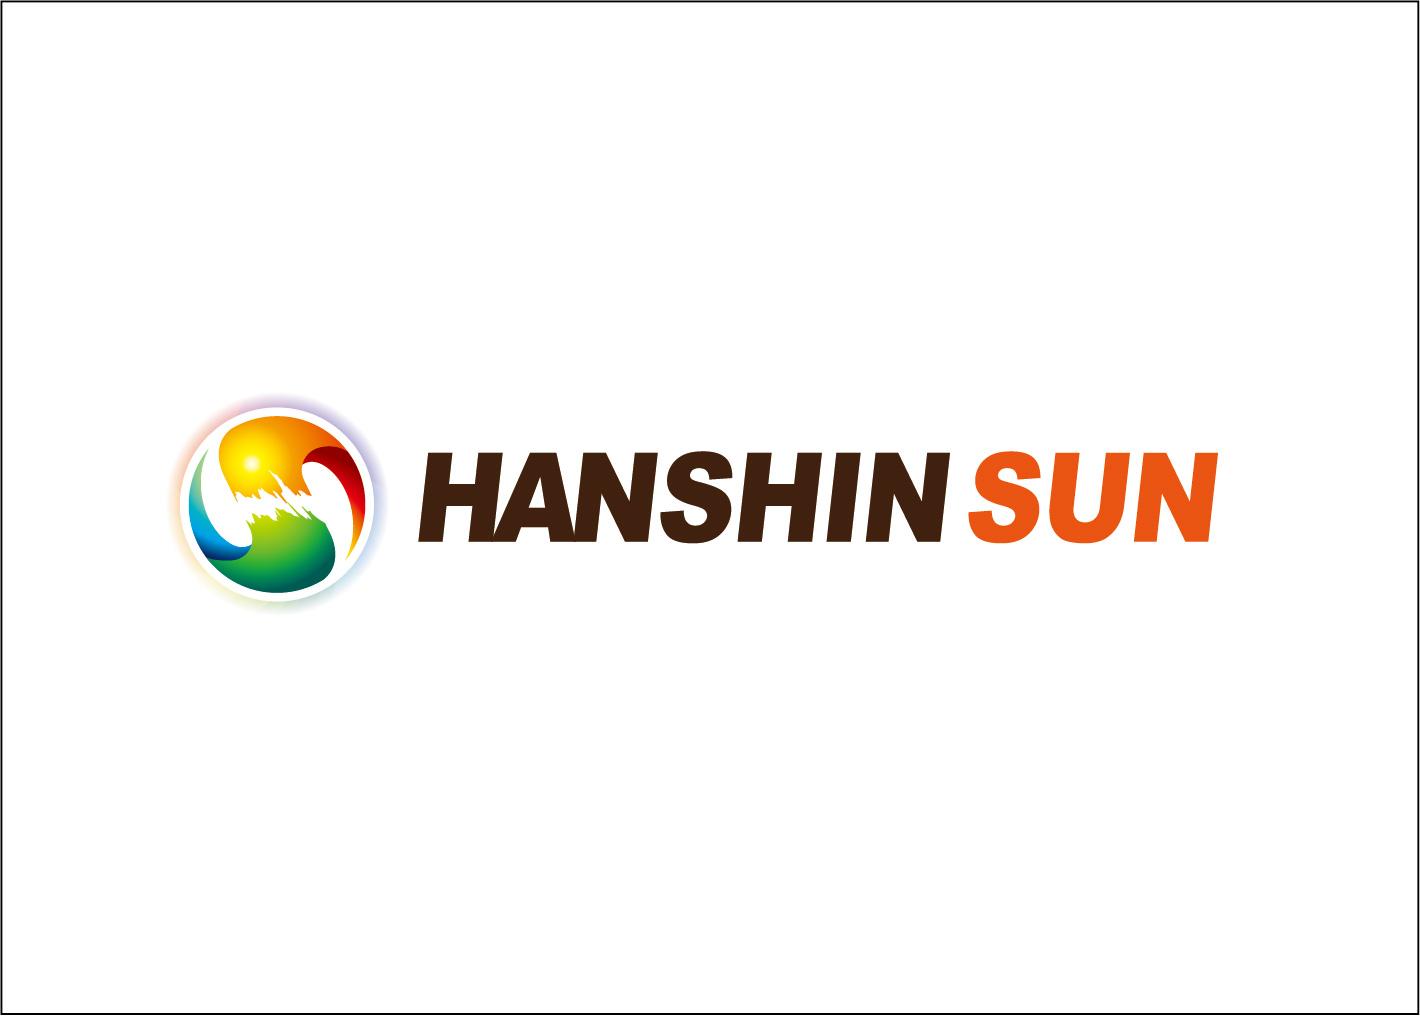 hanshinsun_logo01